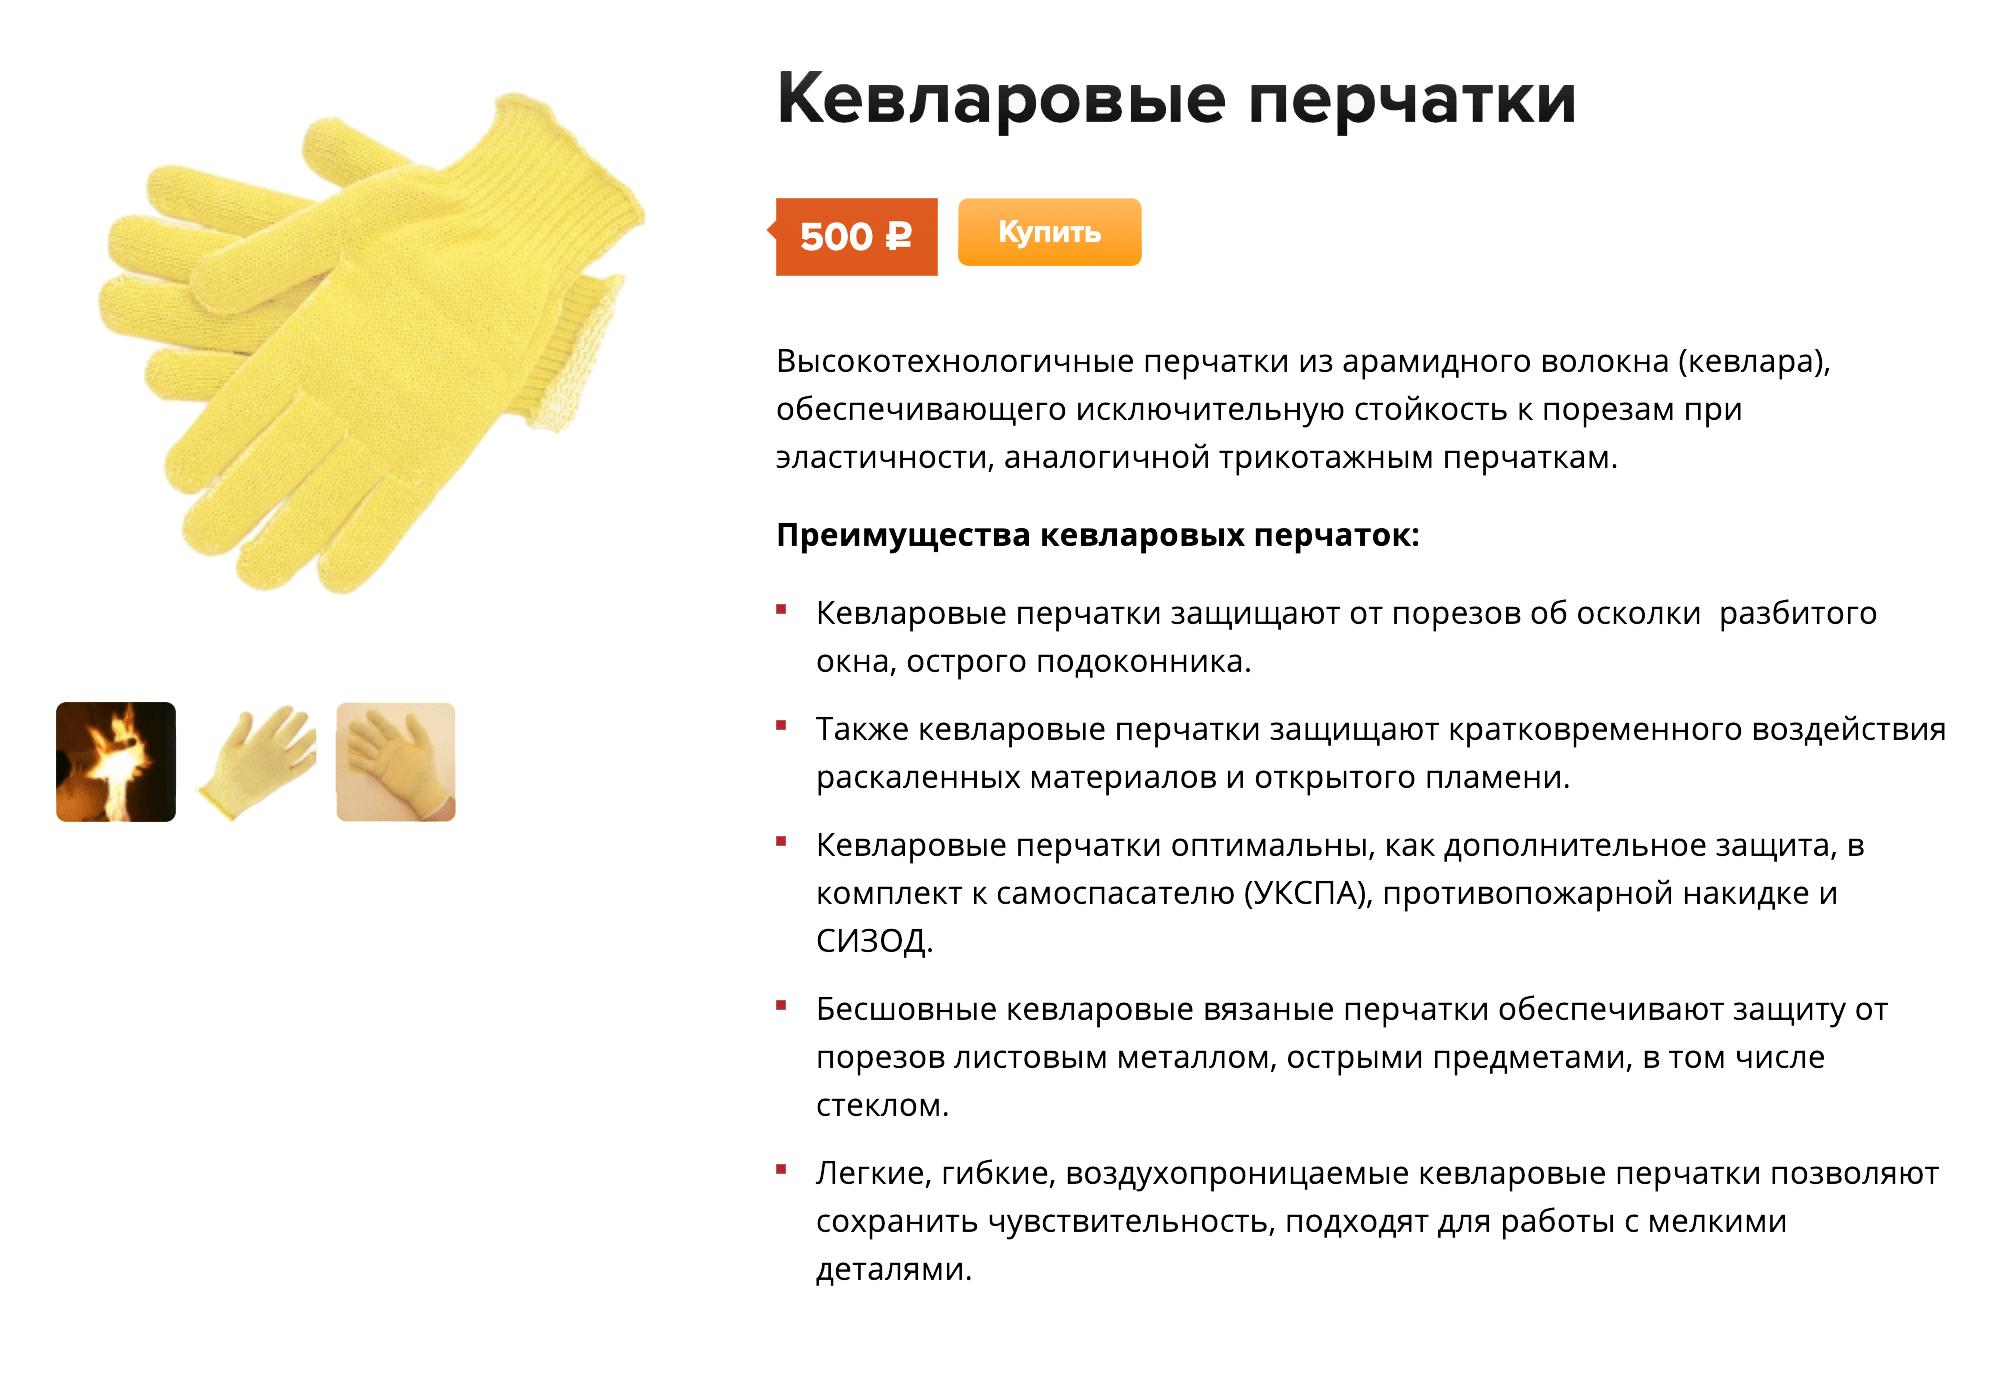 Кевларовой перчаткой удобно переворачивать поленья в костре и снимать котелки с огня